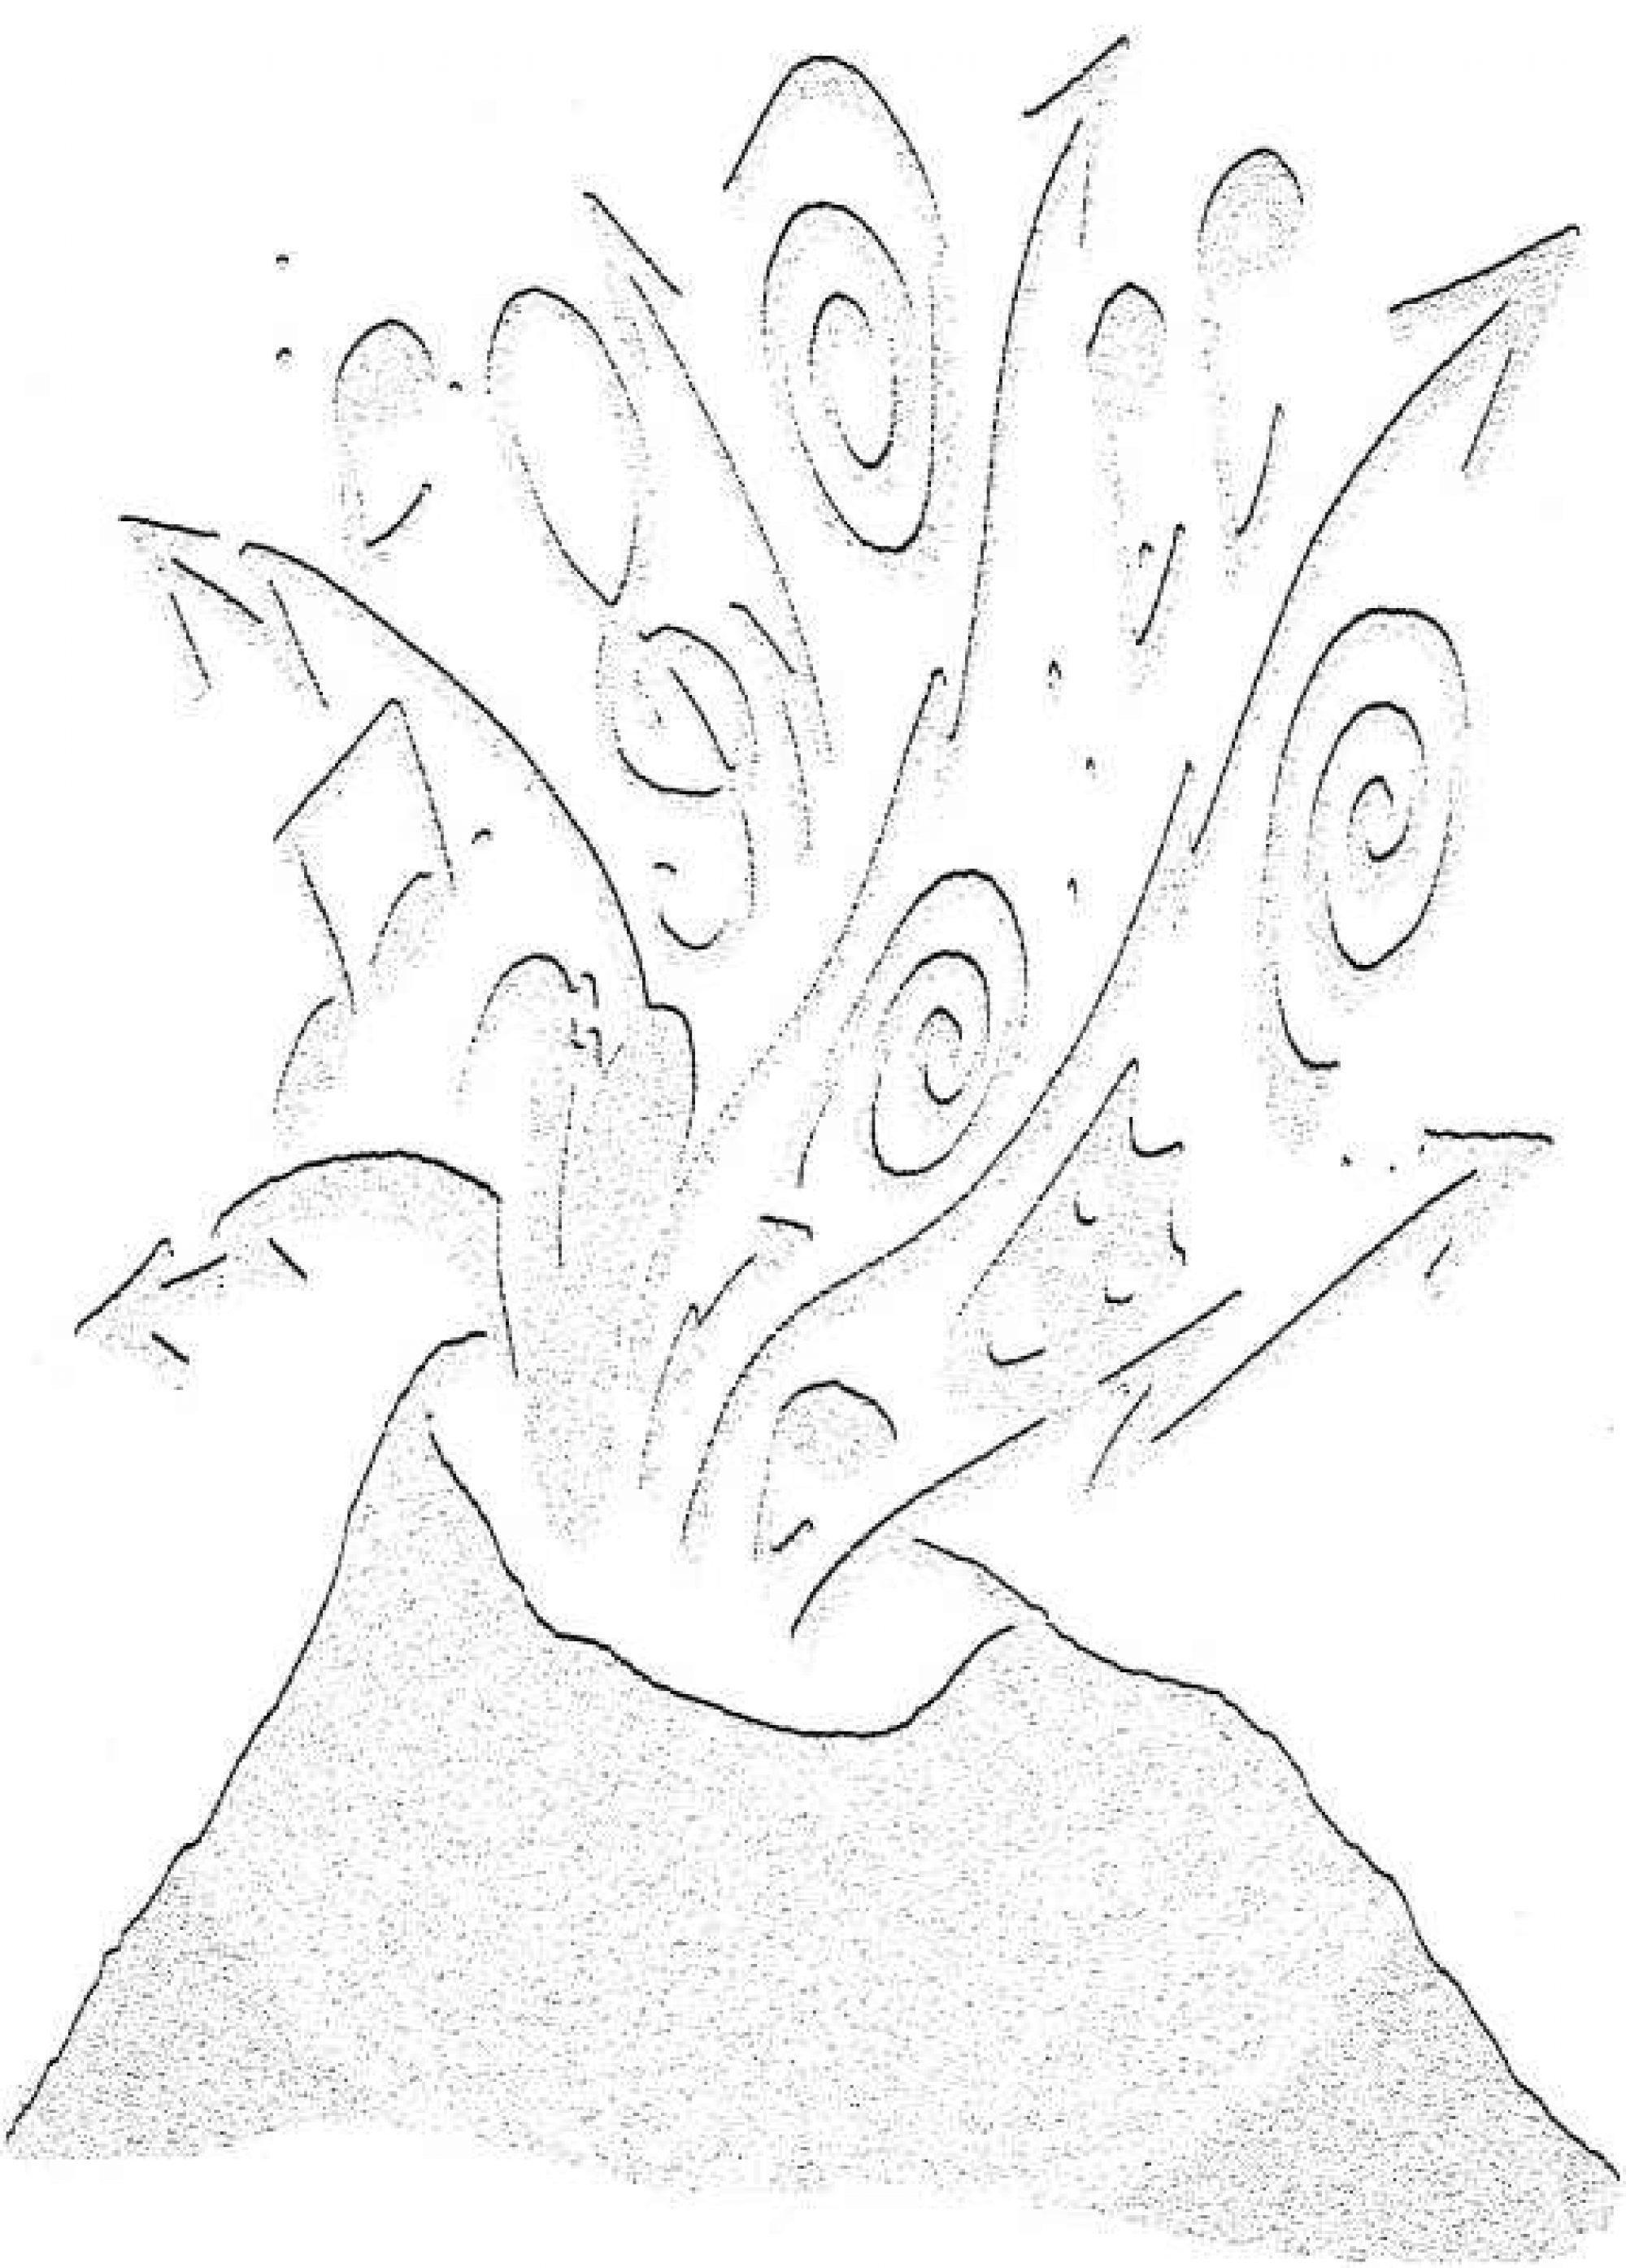 Kraterkultur Megesheim